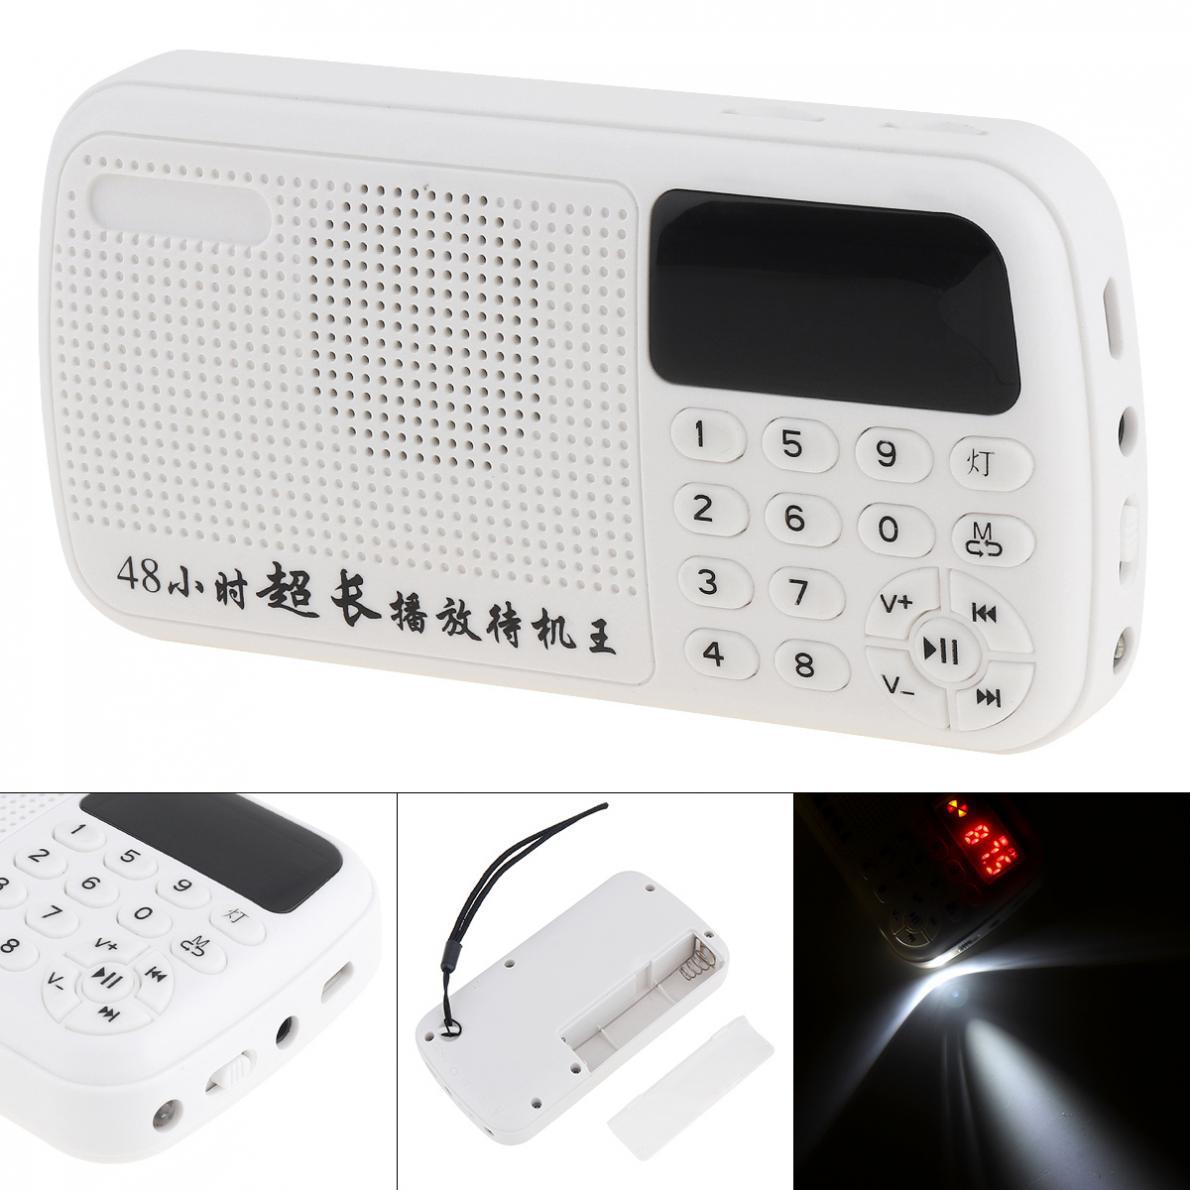 Tragbares Audio & Video E11 Tragbare Radio Mini Audio Karte Lautsprecher Fm Radio Mit 3,5mm Kopfhörer Jack Für Hause Im Freien